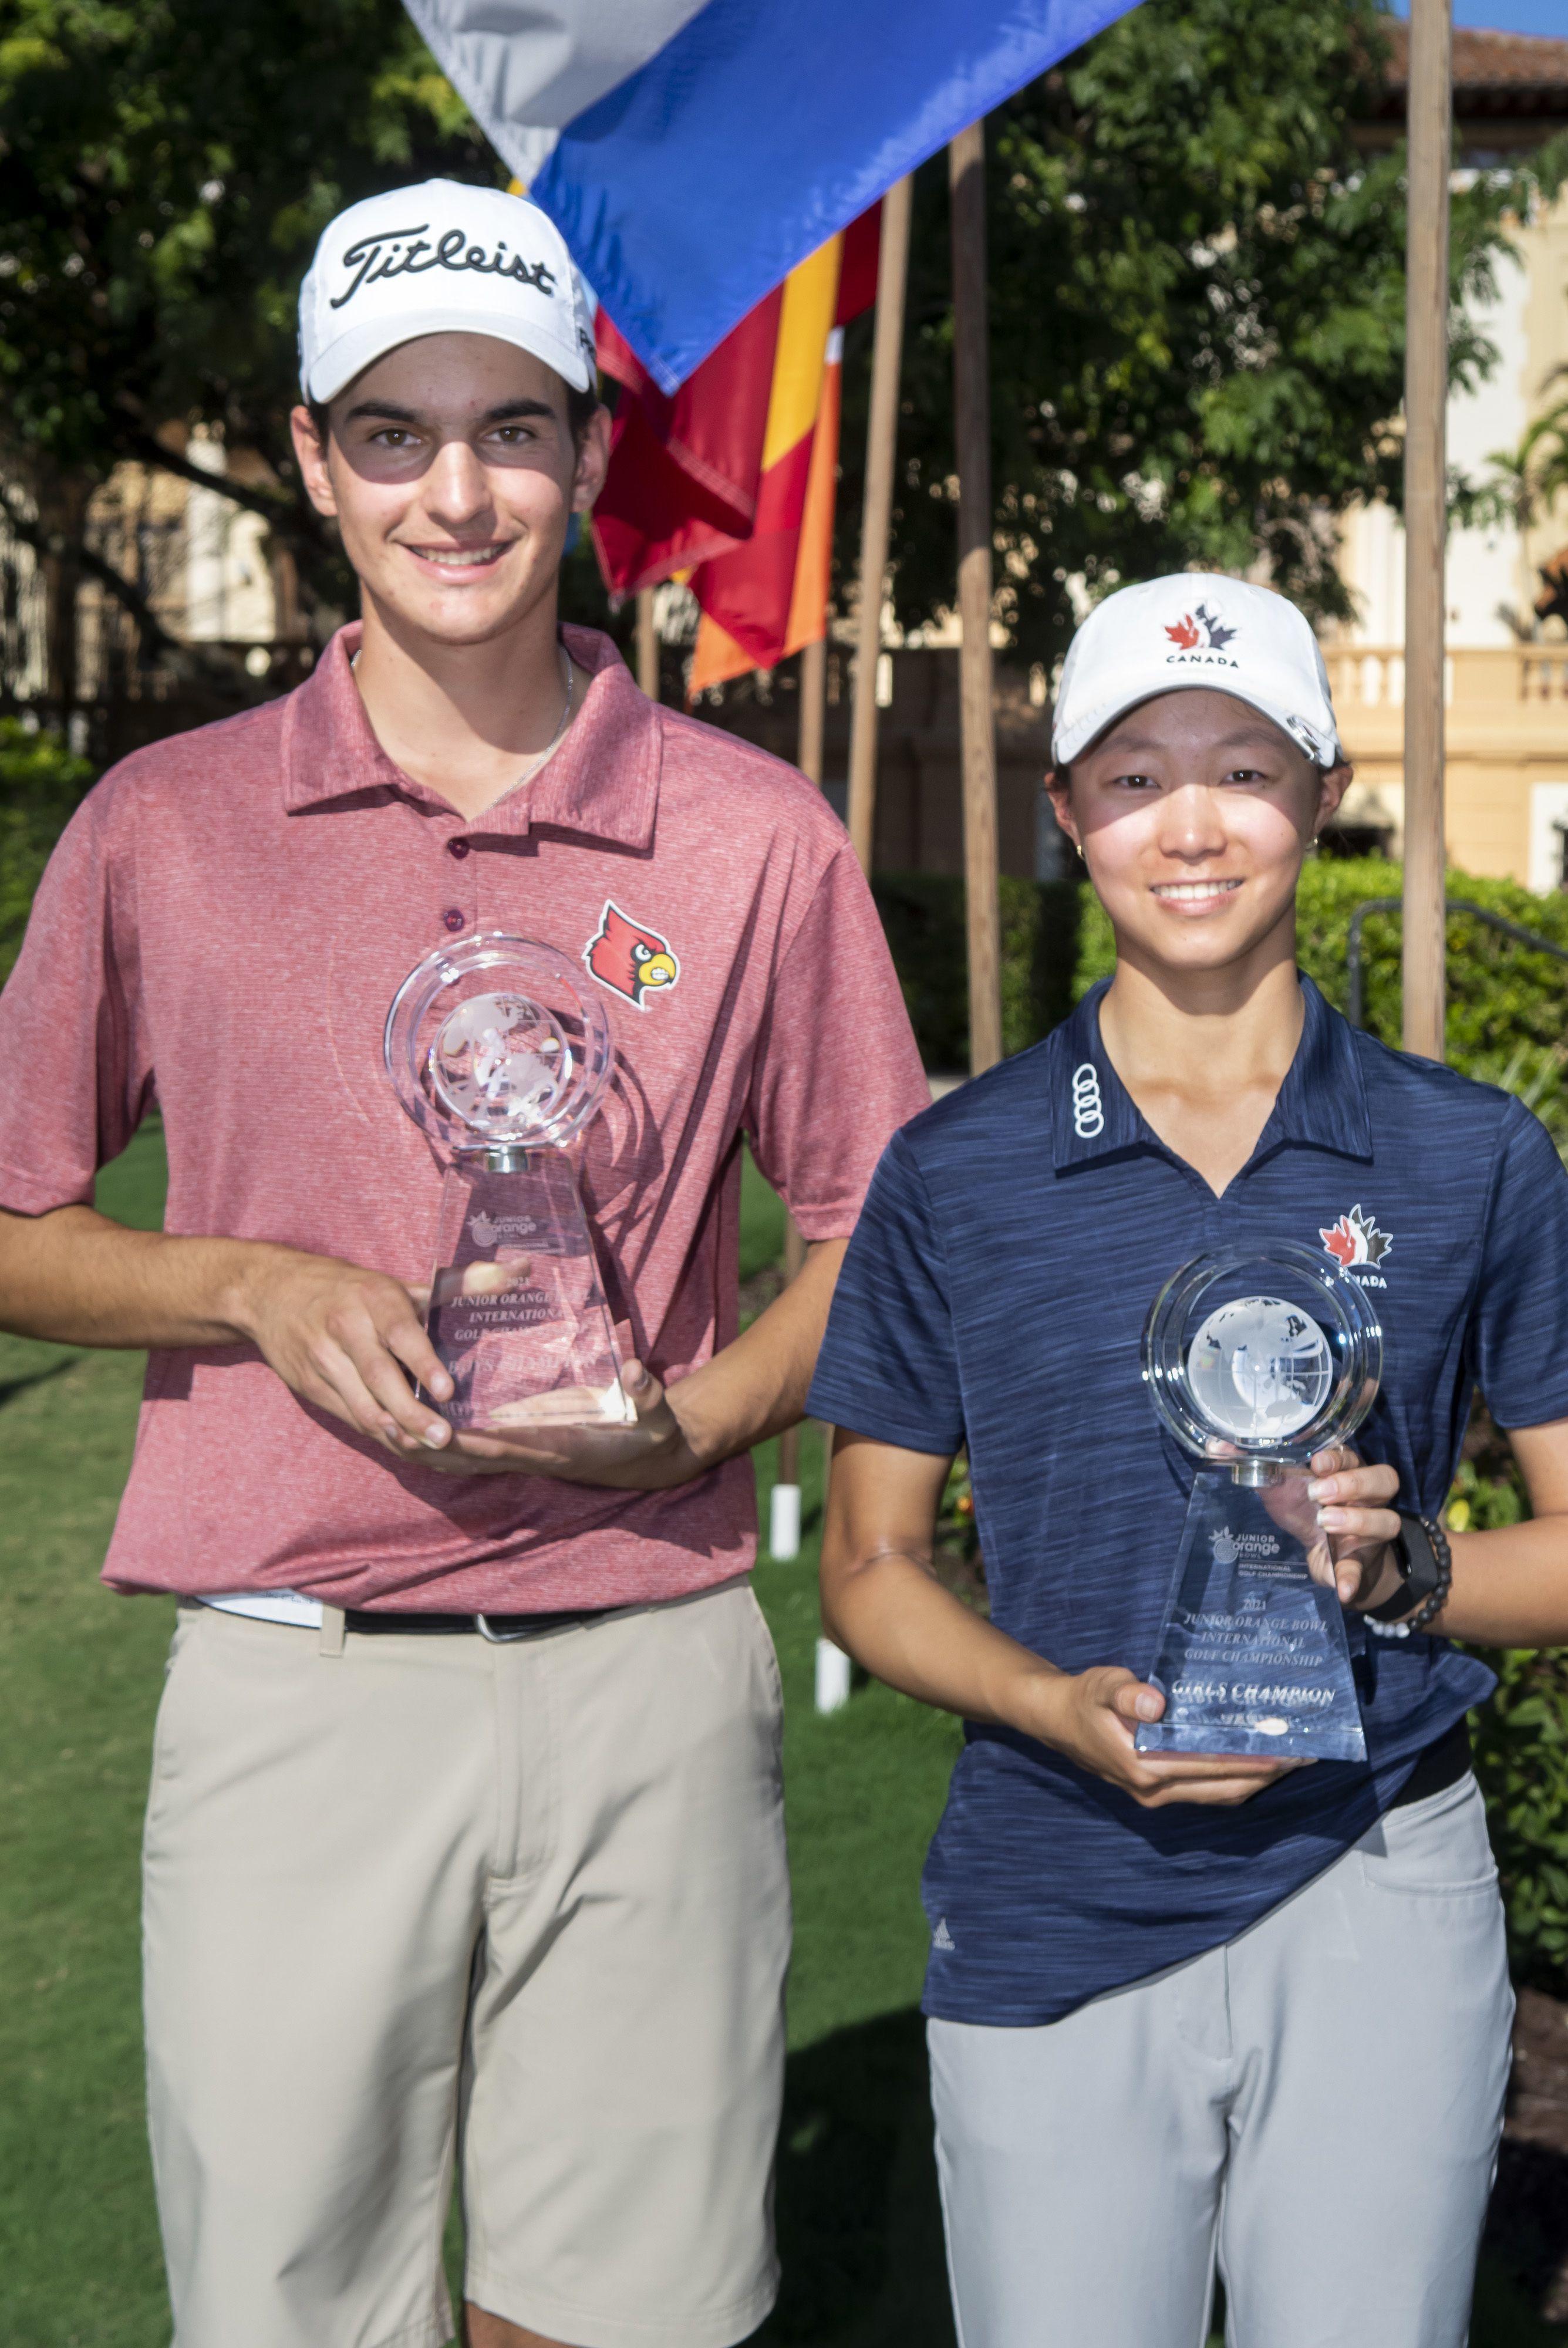 Pinecrest Tribune - 2021 Junior Orange Bowl Golf Invitational Champion